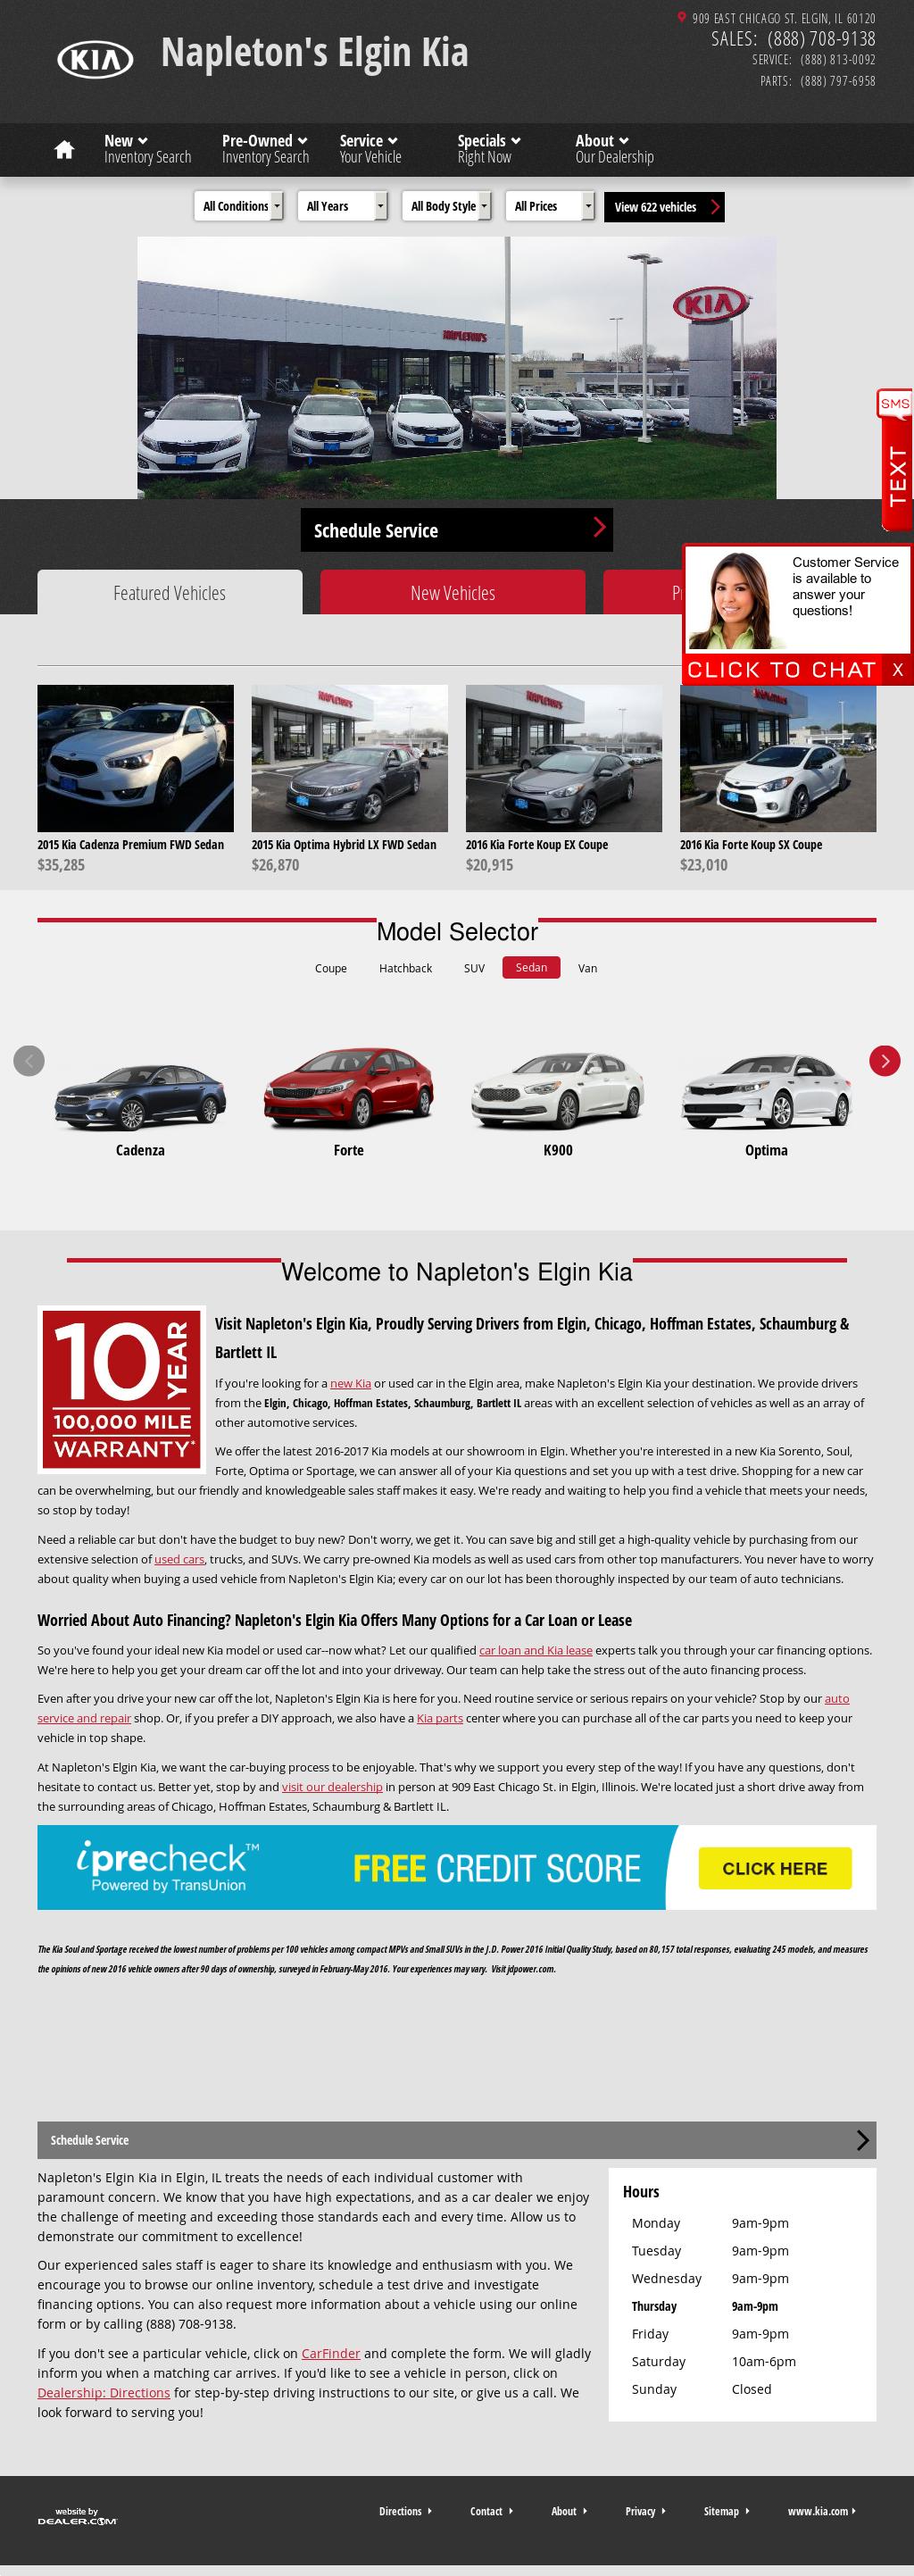 Napleton Kia Elgin >> Napleton S Elgin Kia Competitors Revenue And Employees